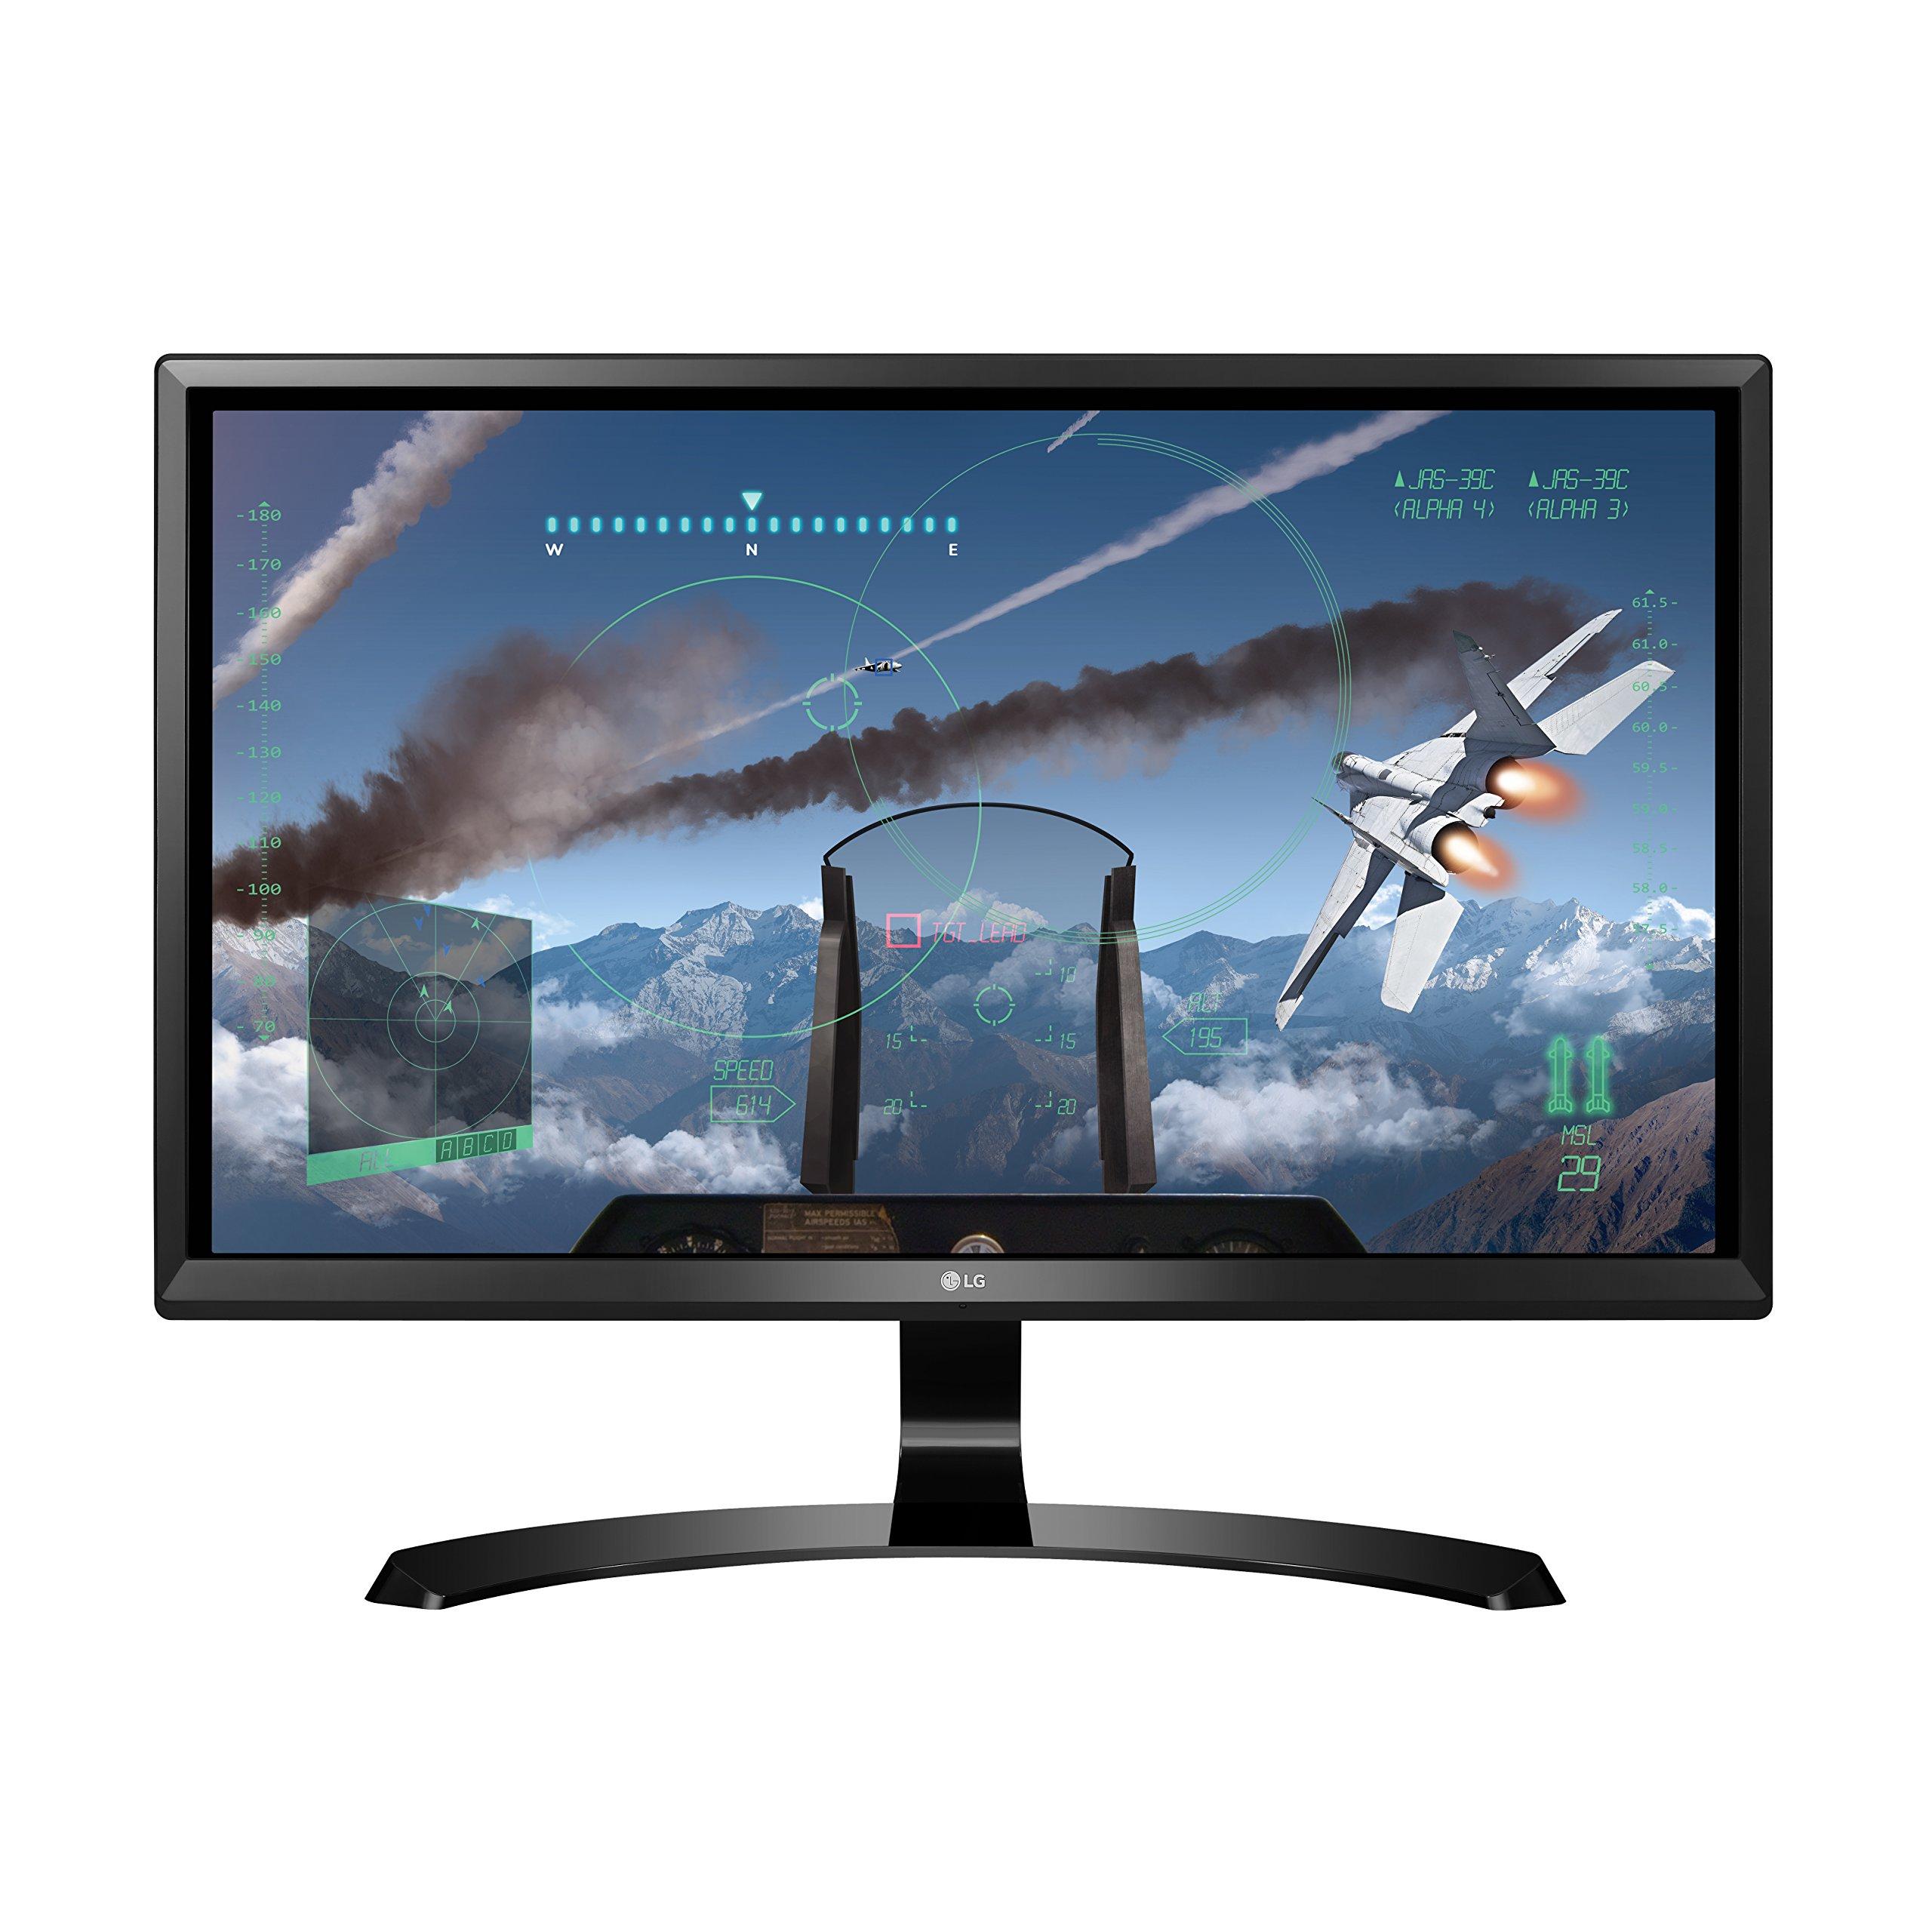 LG 24UD58 B 24 Inch Monitor FreeSync